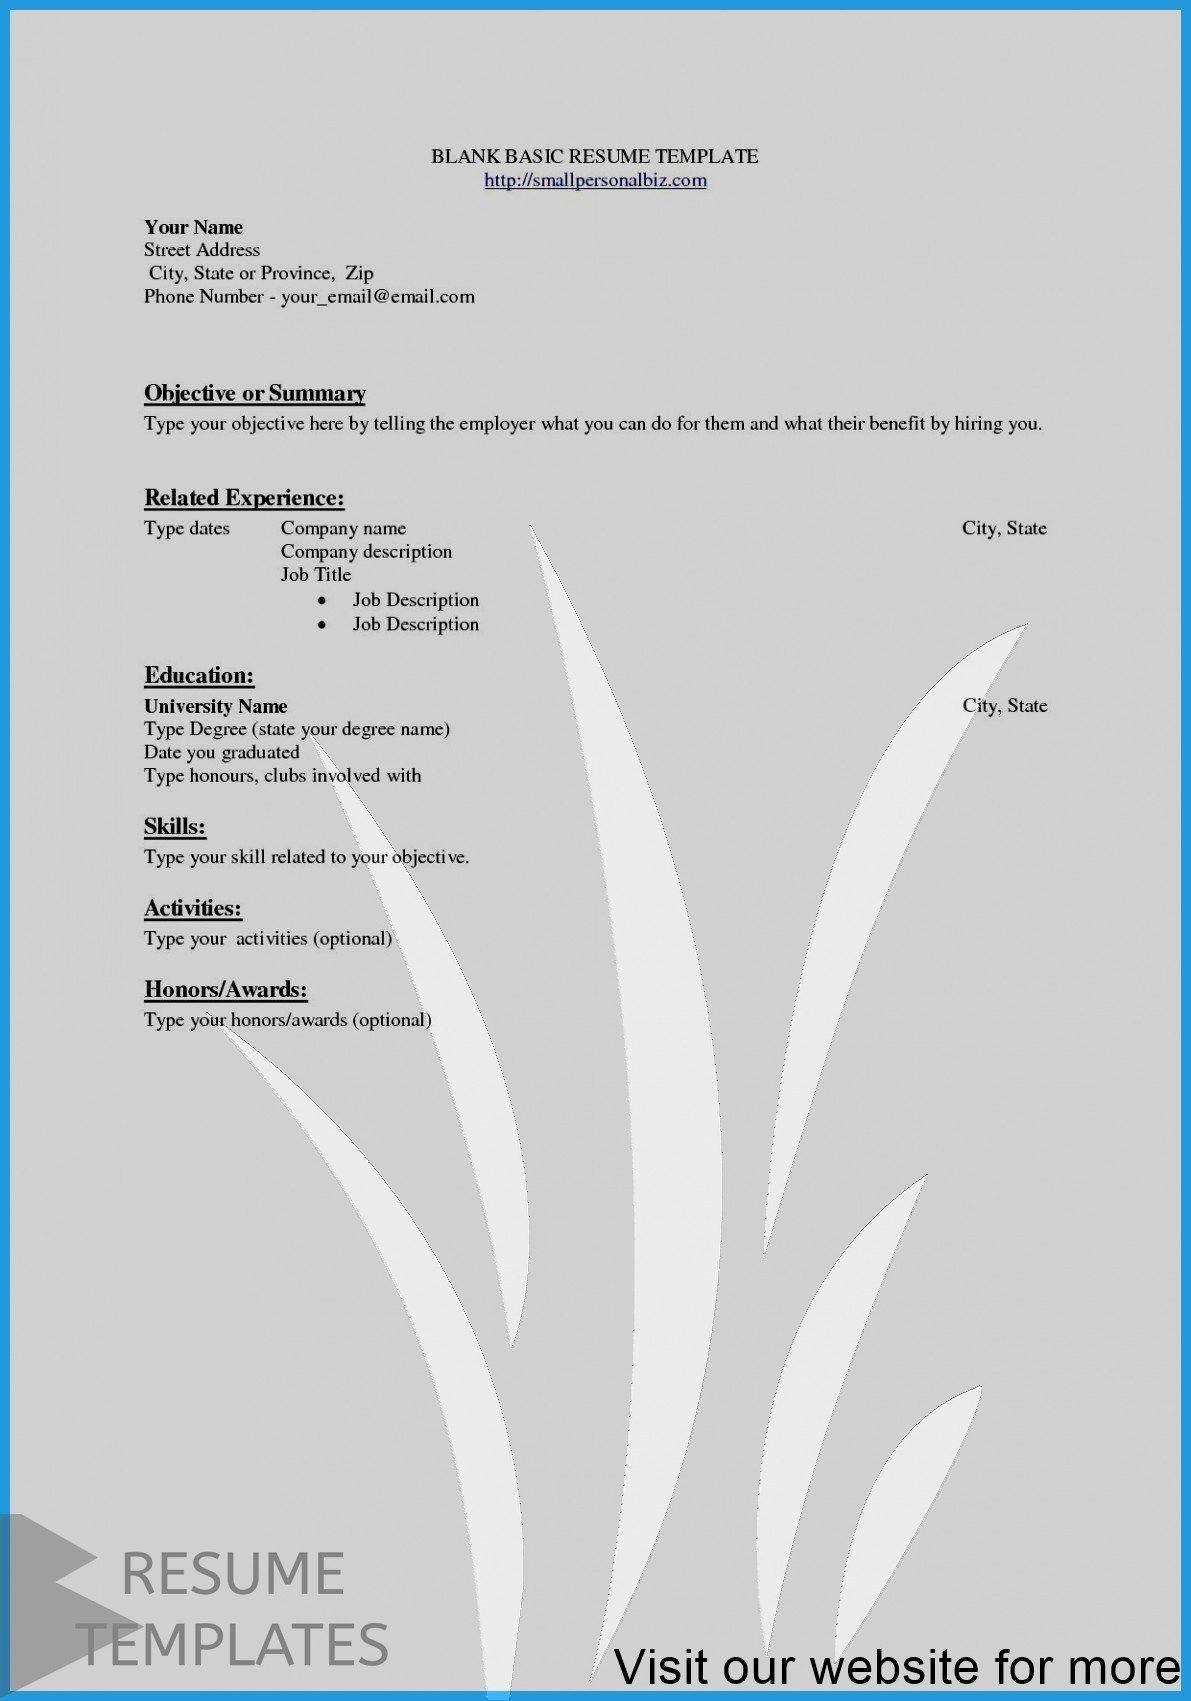 Best Free Resume Builder 2019 In 2020 Resume Template Free Resume Cover Letter Examples Resume Builder